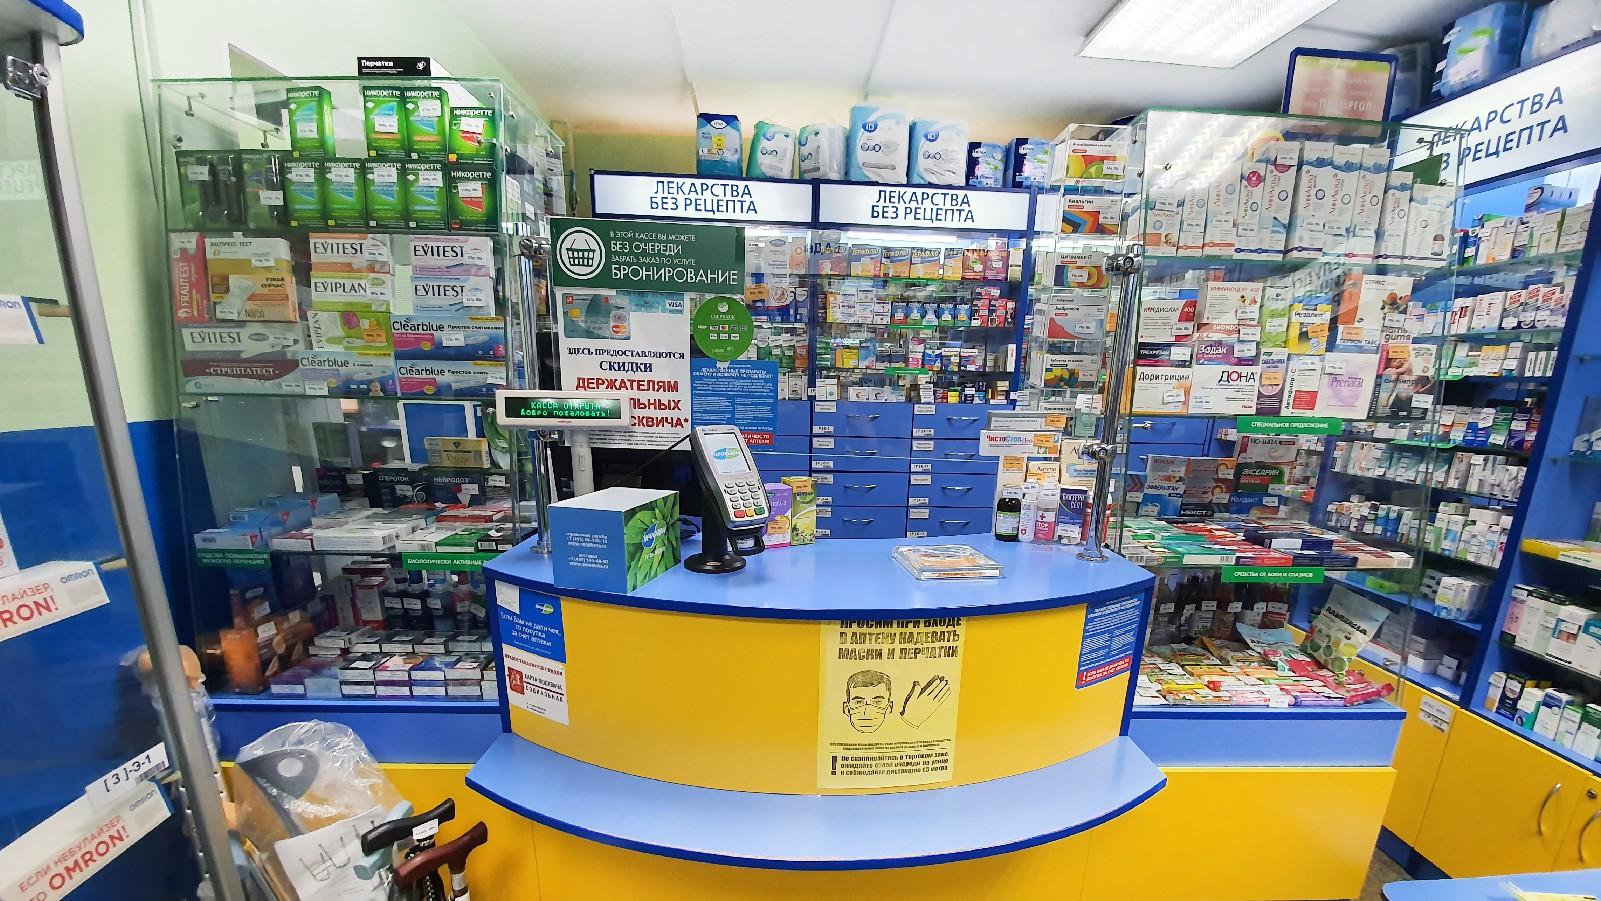 https://f.stolichki.ru/n/stores/77057-6.jpg